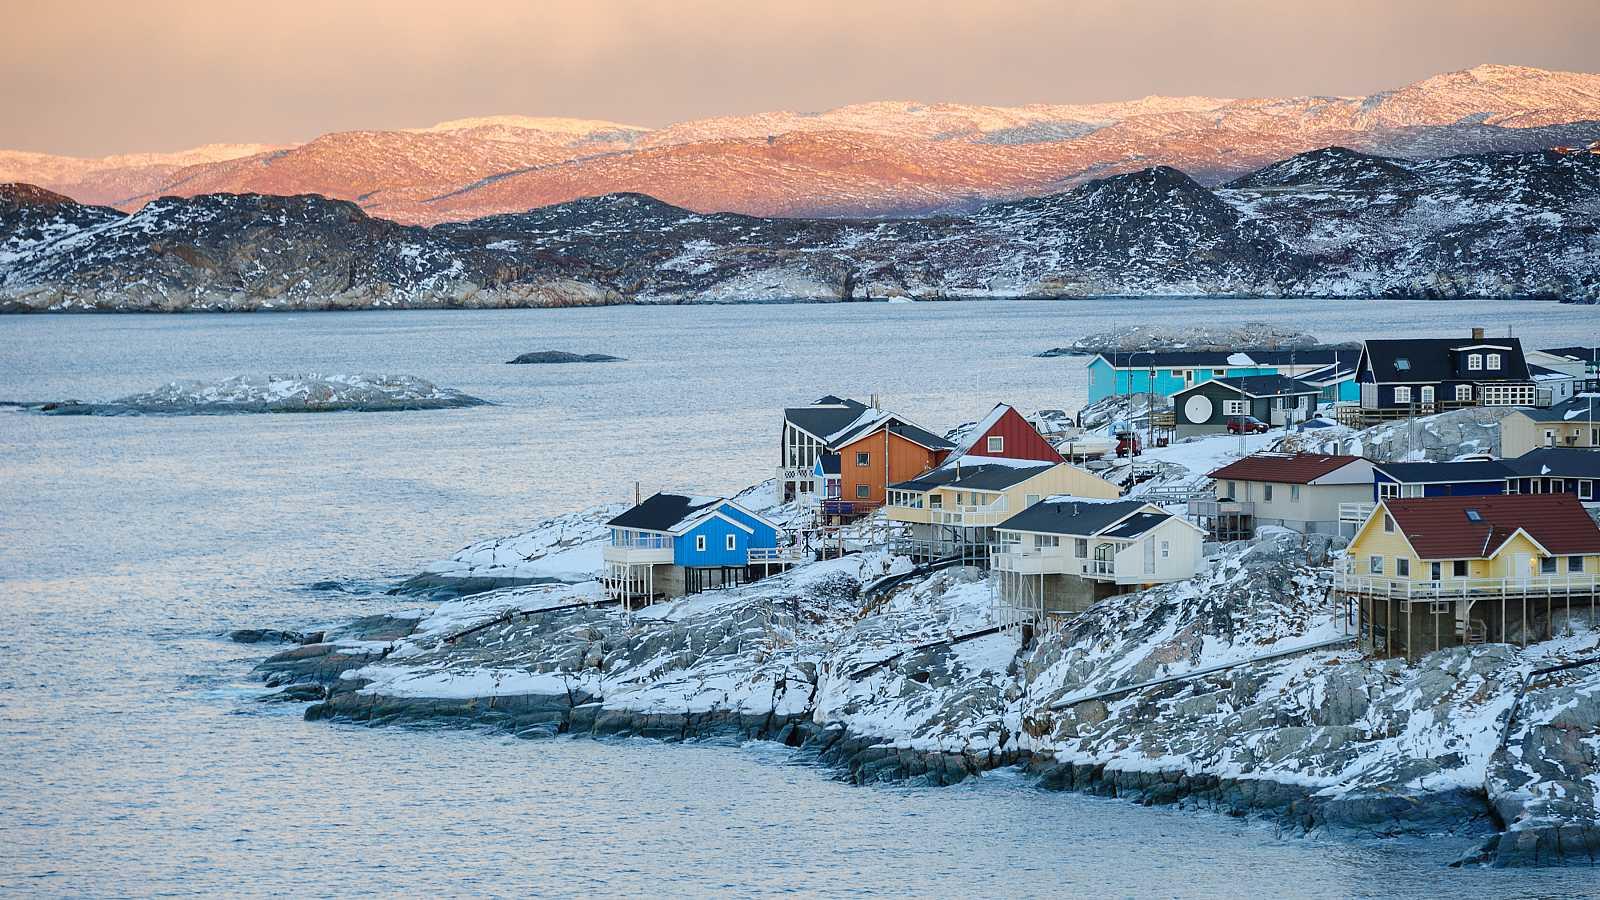 Un estudio científico ha analizado las aguas procedentes del deshielo de glaciares en el suroeste de Groenlandia.